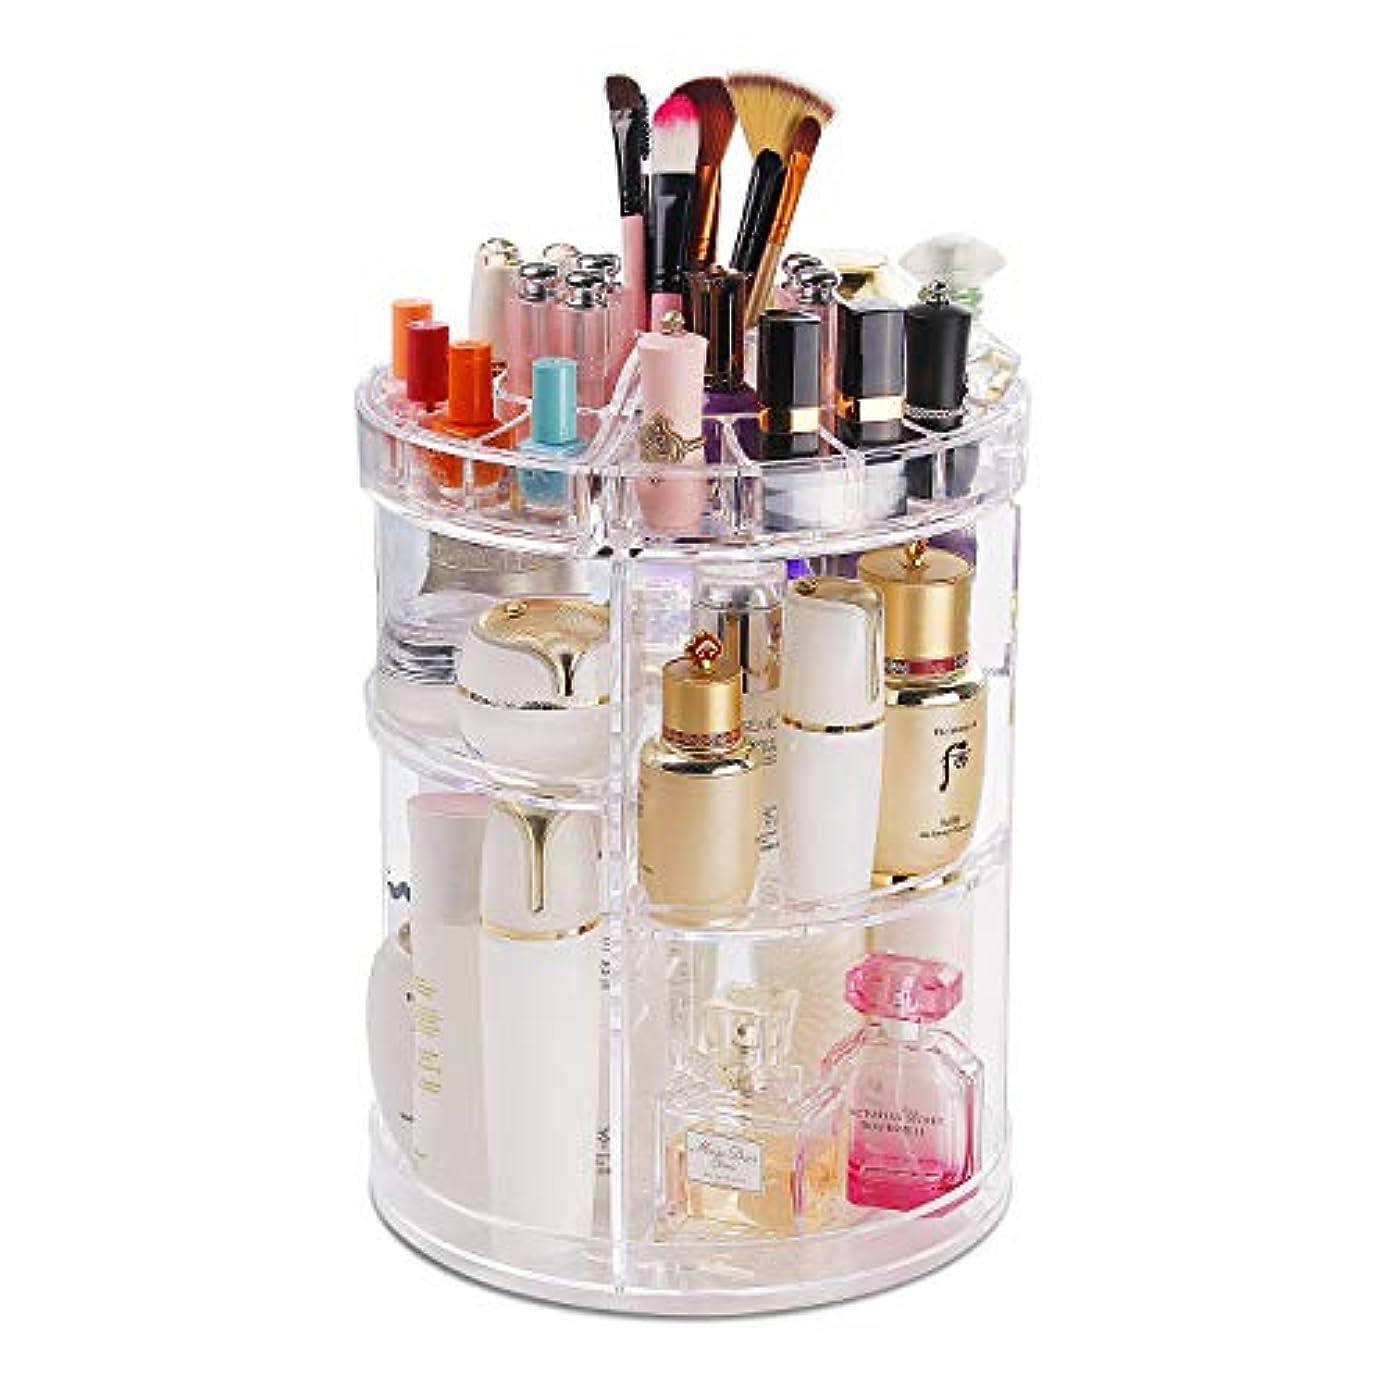 レコーダーのみ翻訳者化粧品収納ボックス コスメボックス 360度回転化粧品収納ラック 大容量透明化粧品ケース メイクボックス 女の子のギフト